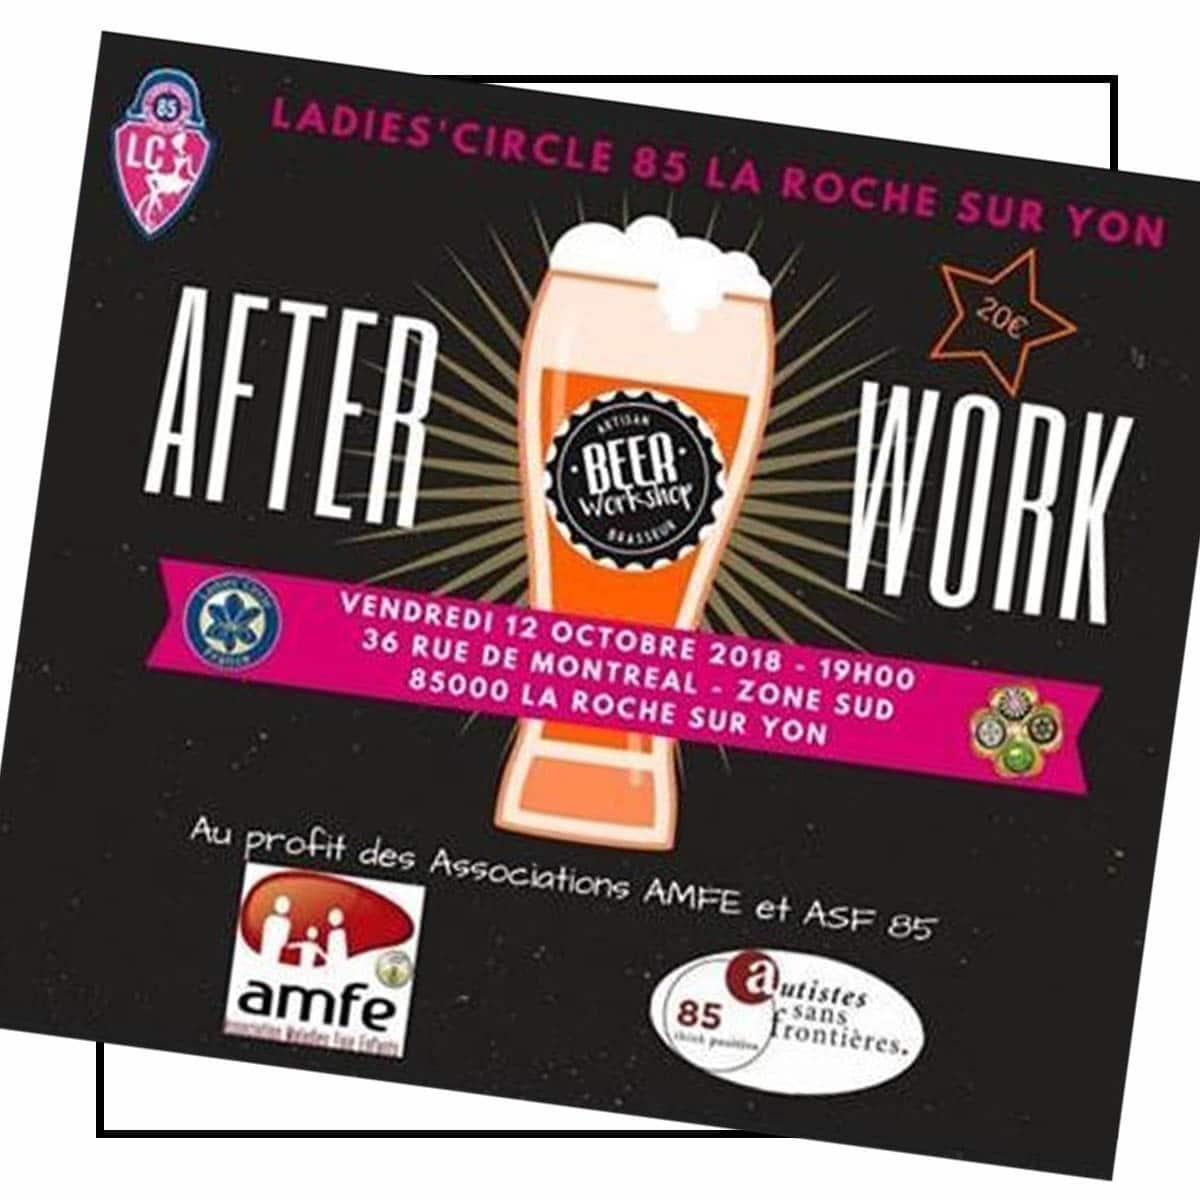 After Work Ladies'circle 85 Beerworkshop